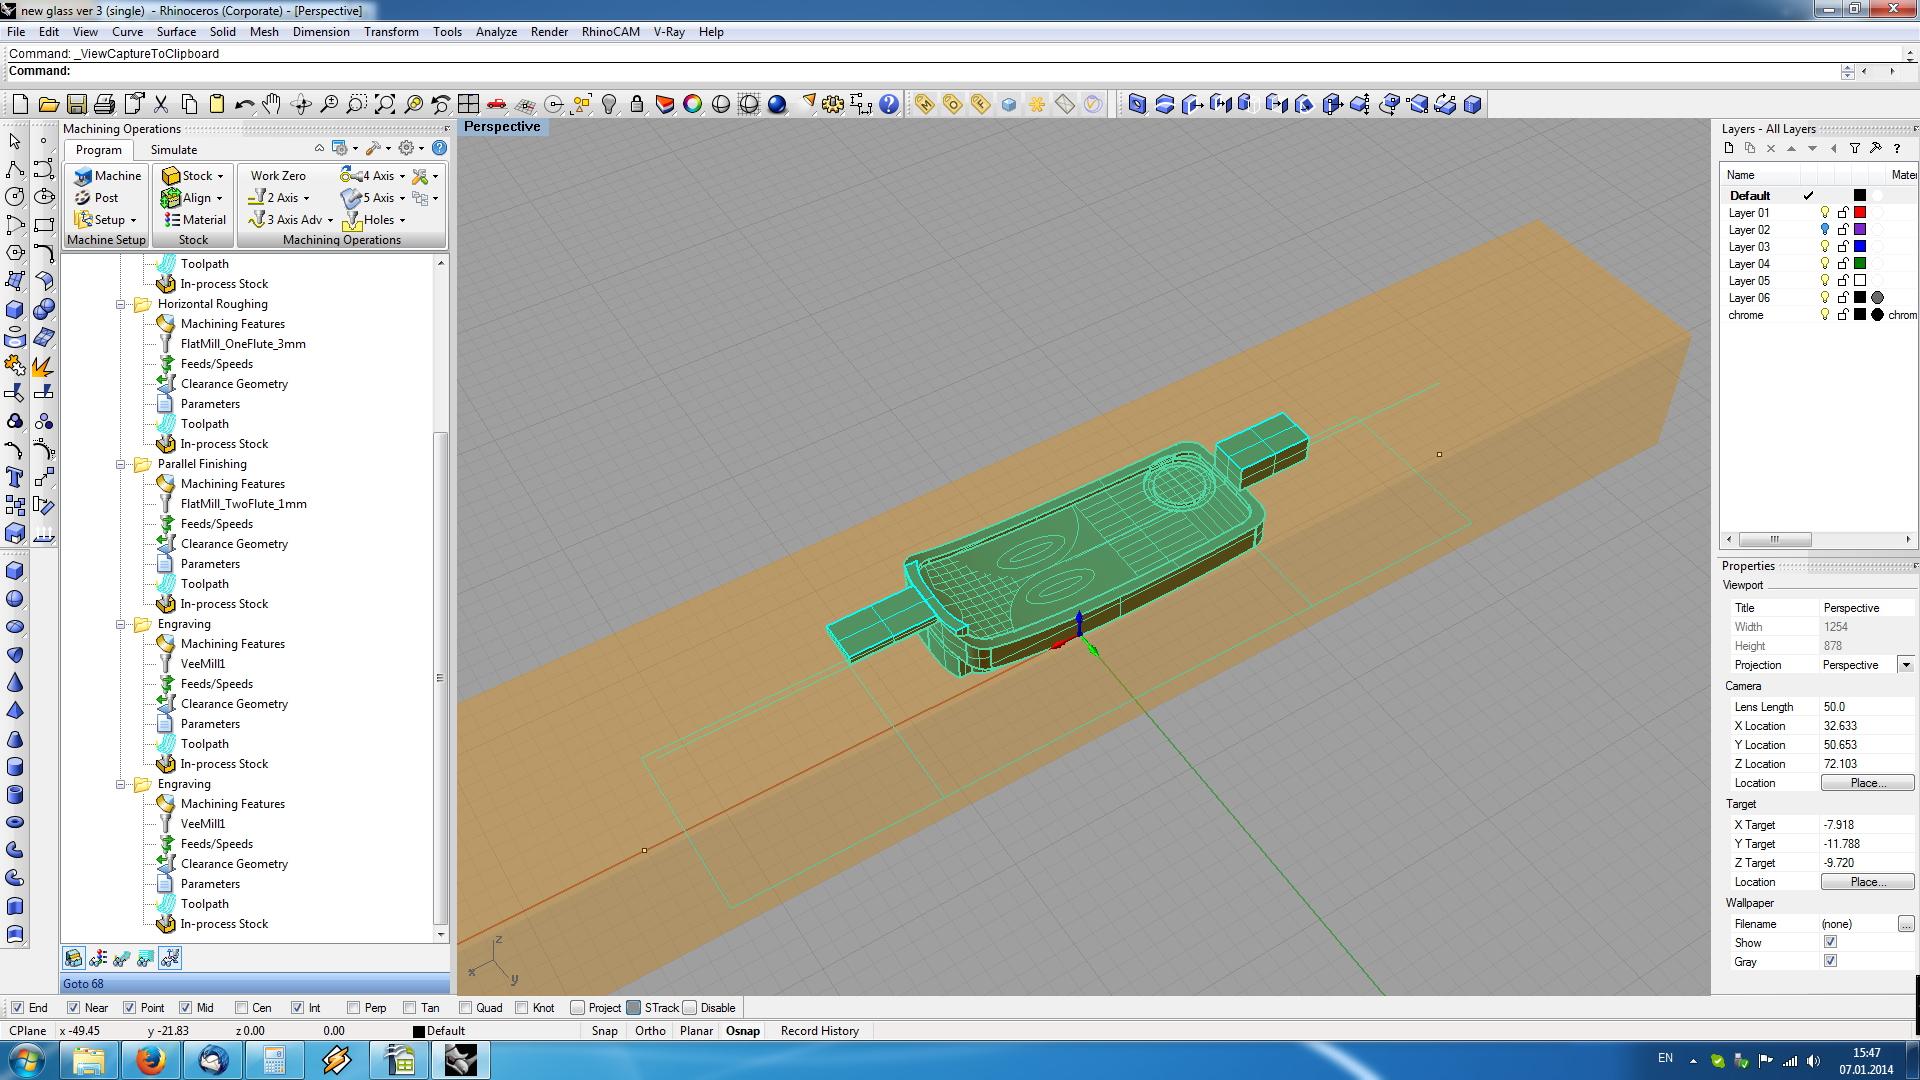 http://an-modeltrucks.com/wp-content/uploads/2014/01/rhinocam02.jpg